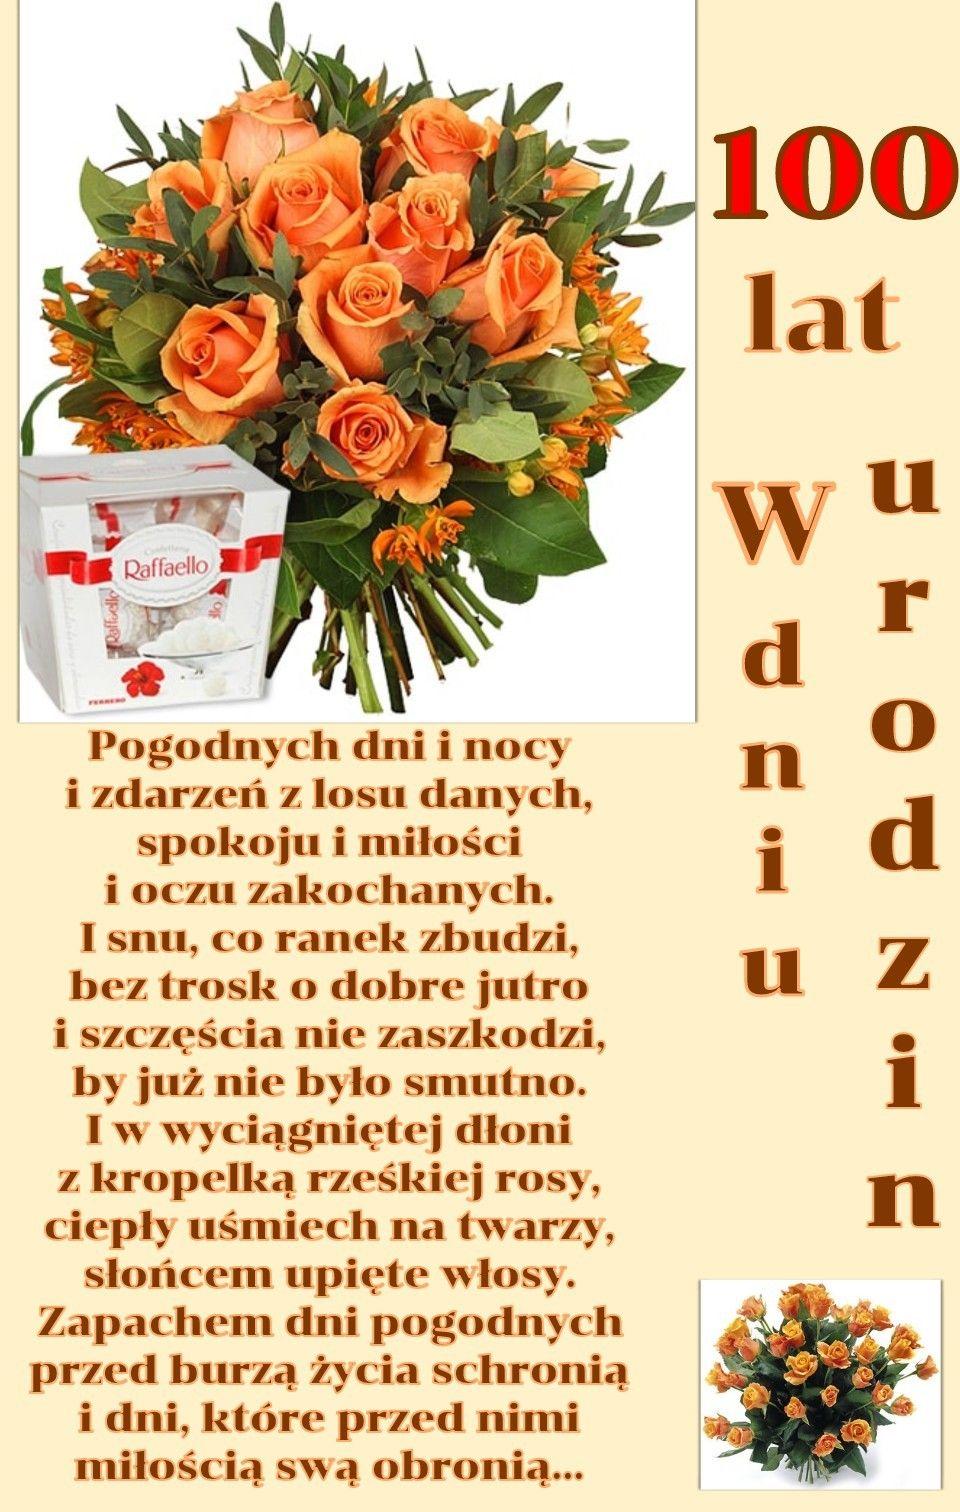 Pin By Danuta Gajek Krychowska On Kartki With Images Urodziny